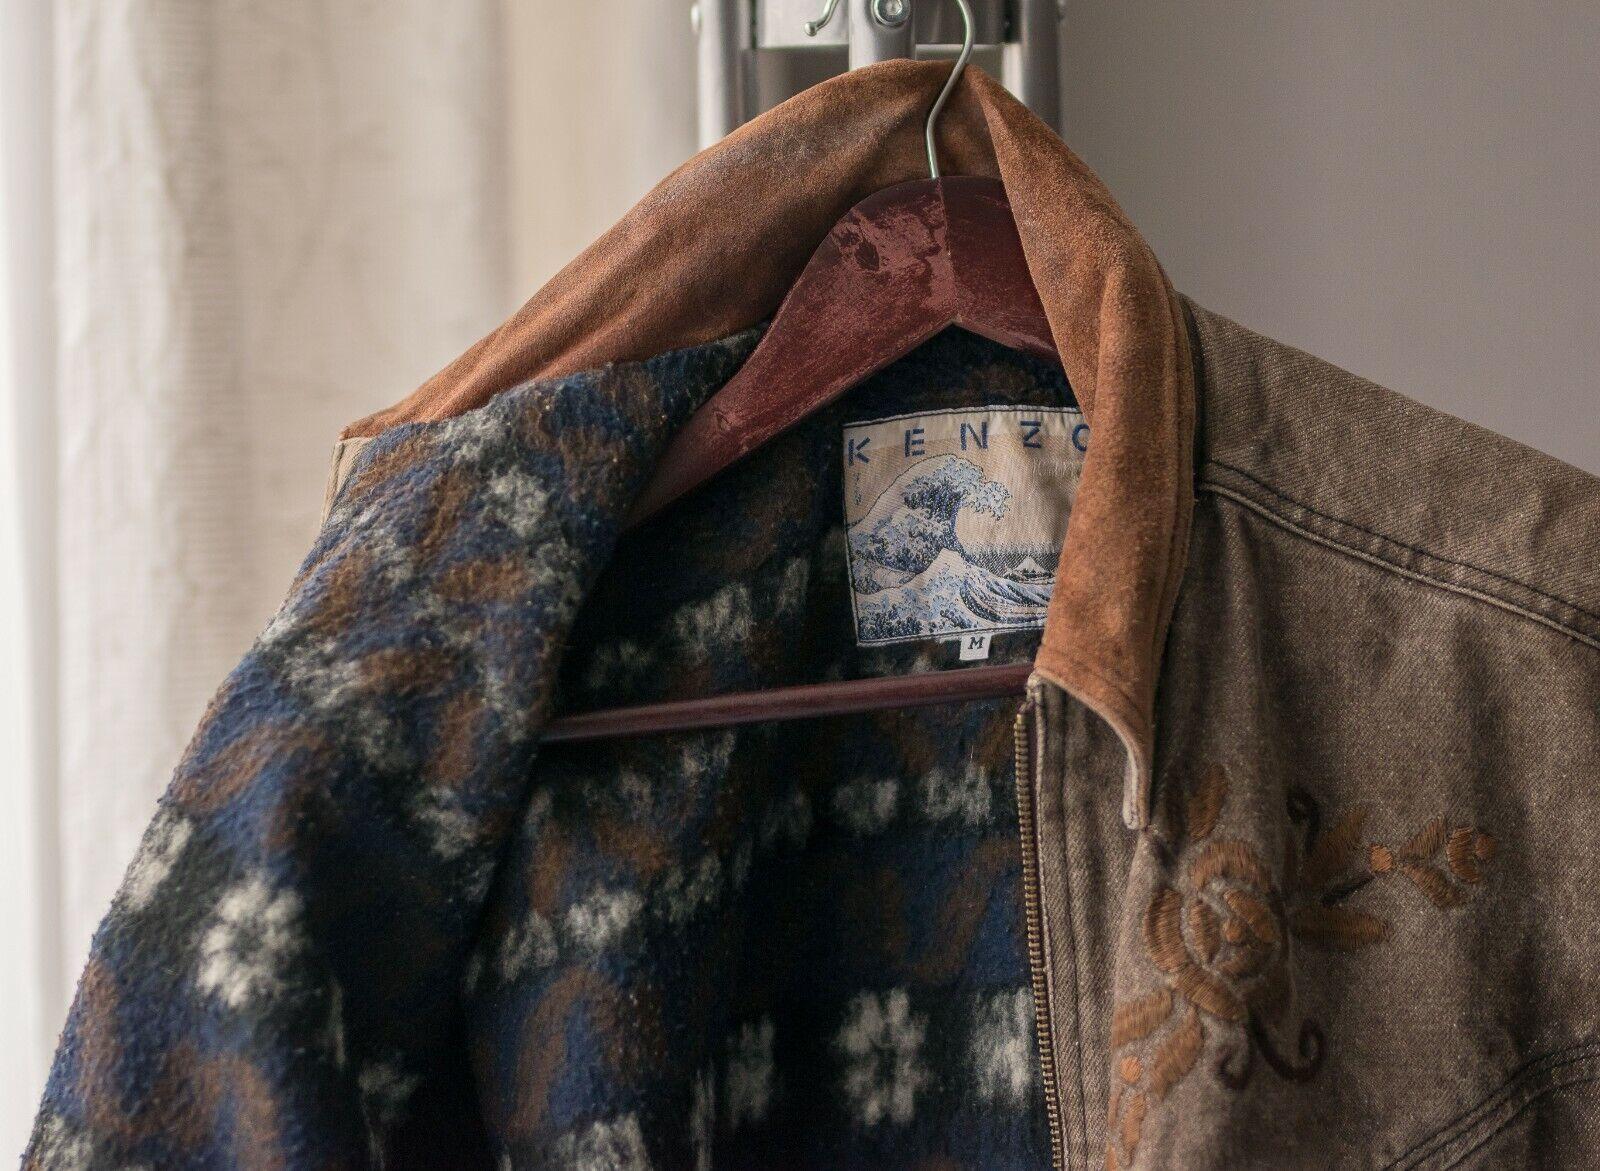 Women's Vintage 70's KENZO Blazer Retro Jacket Si… - image 7